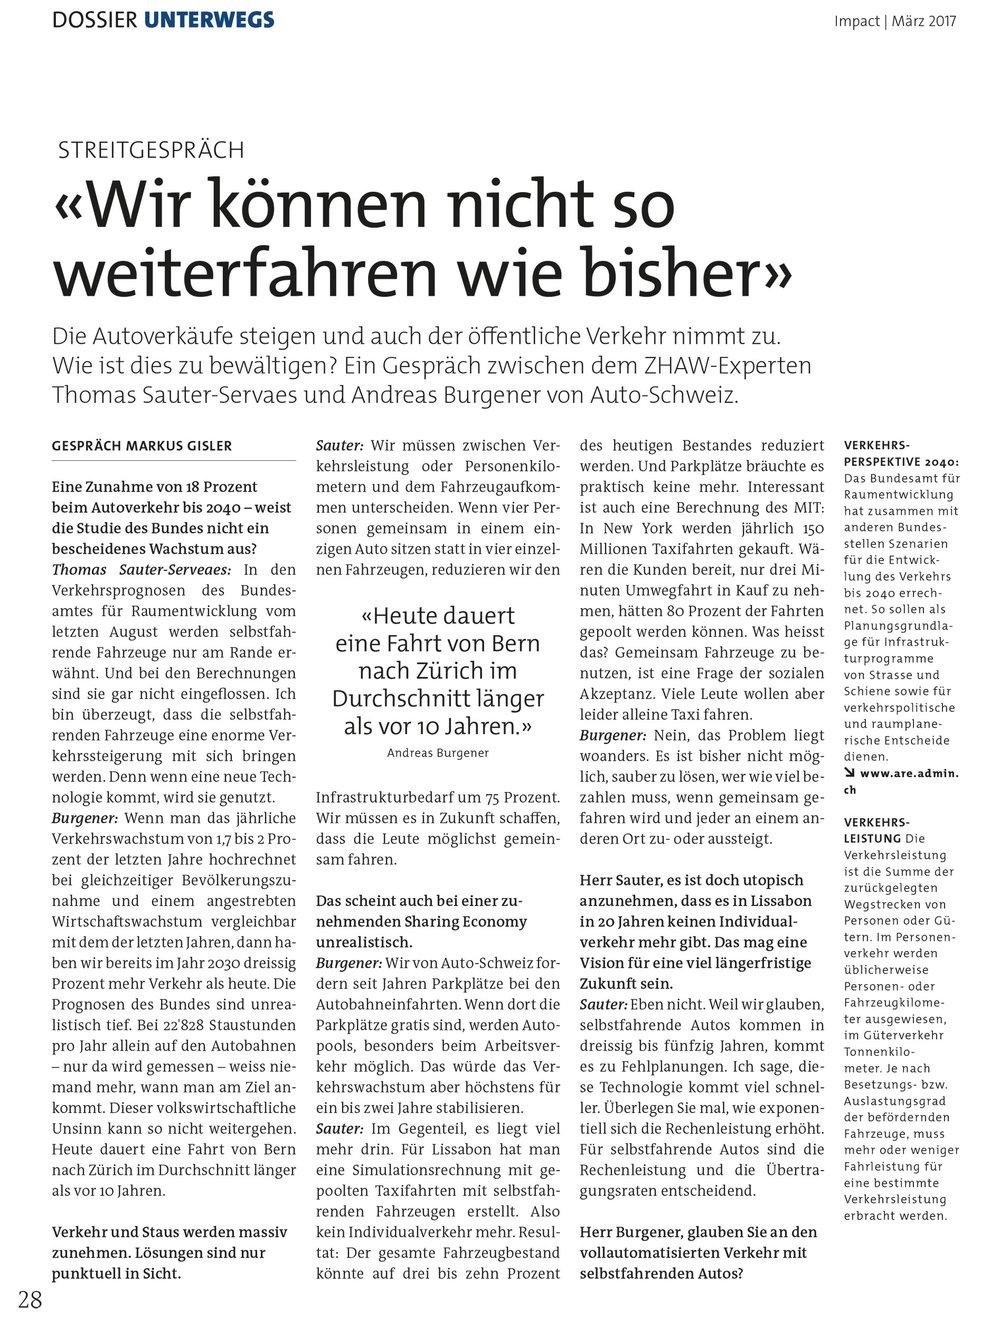 28–31_DO_36_Streitgespraech_ZurAutorisierung-1.jpg